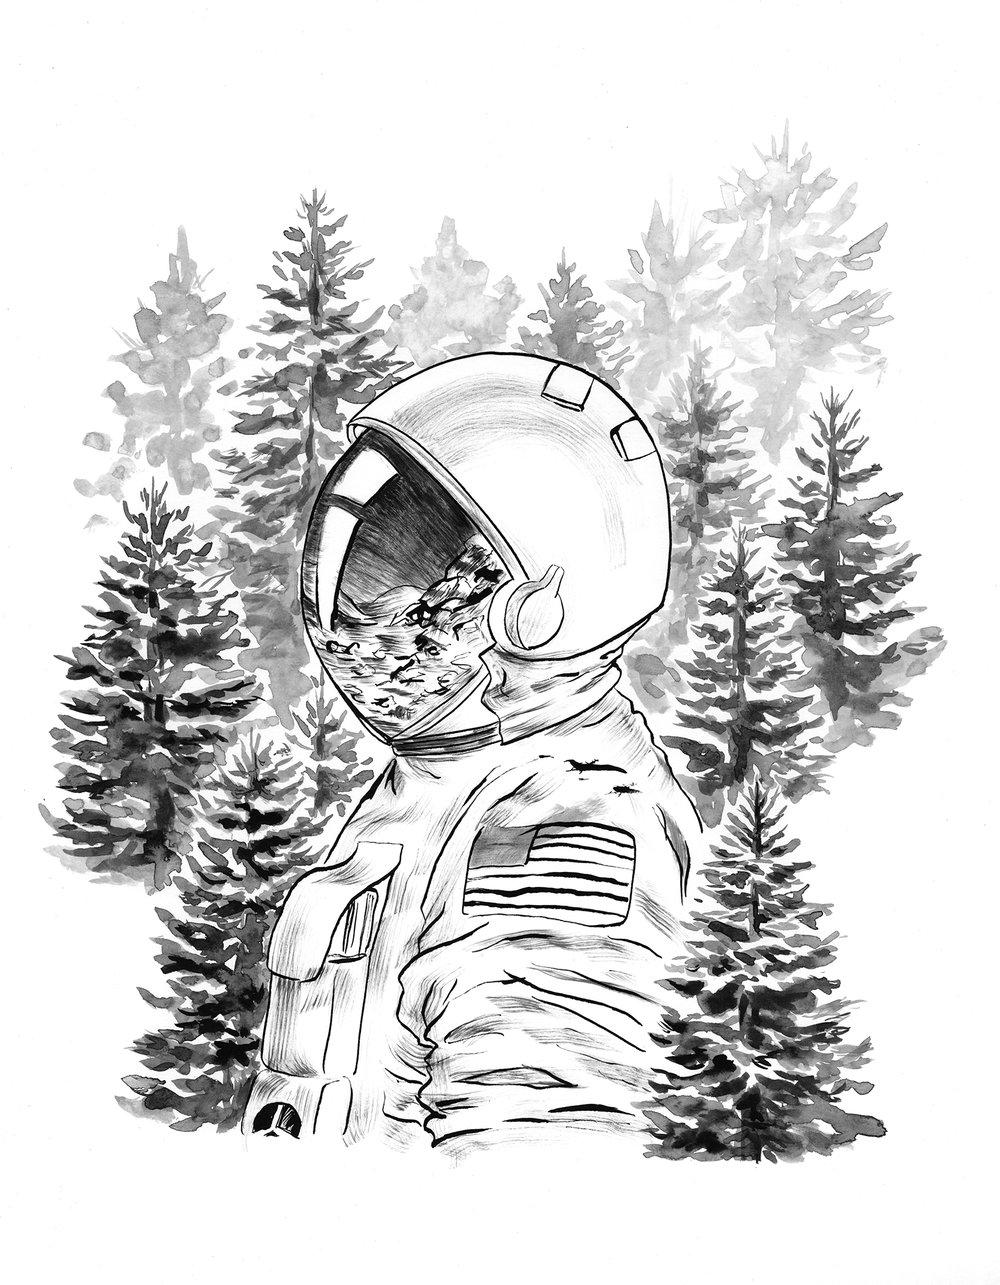 Mars-vignette_72.jpg